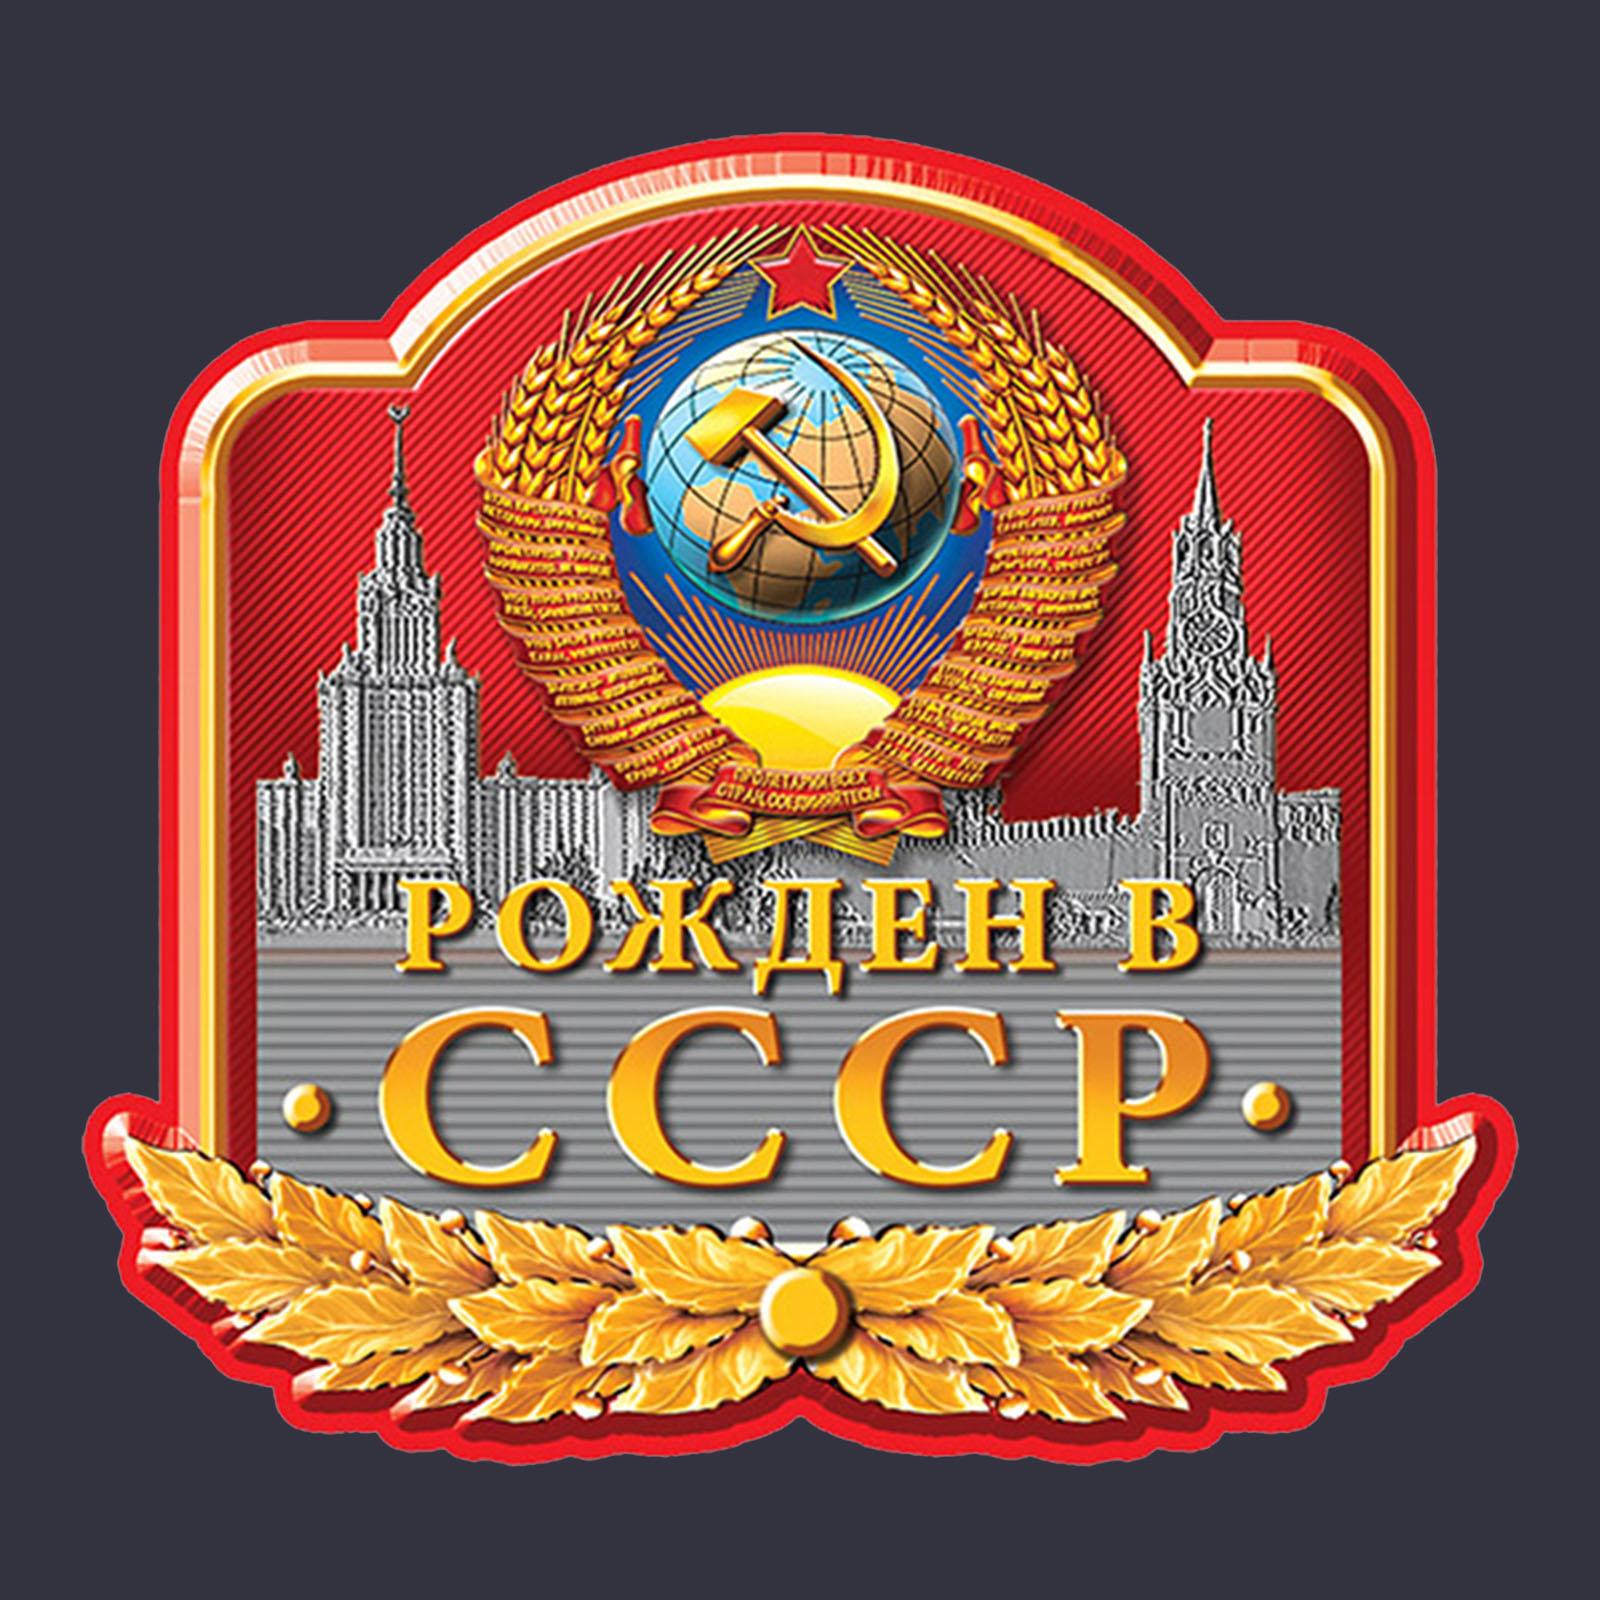 Купить неповторимую темную бейсболку с термотрансфером Рожден в СССР оптом или в розницу